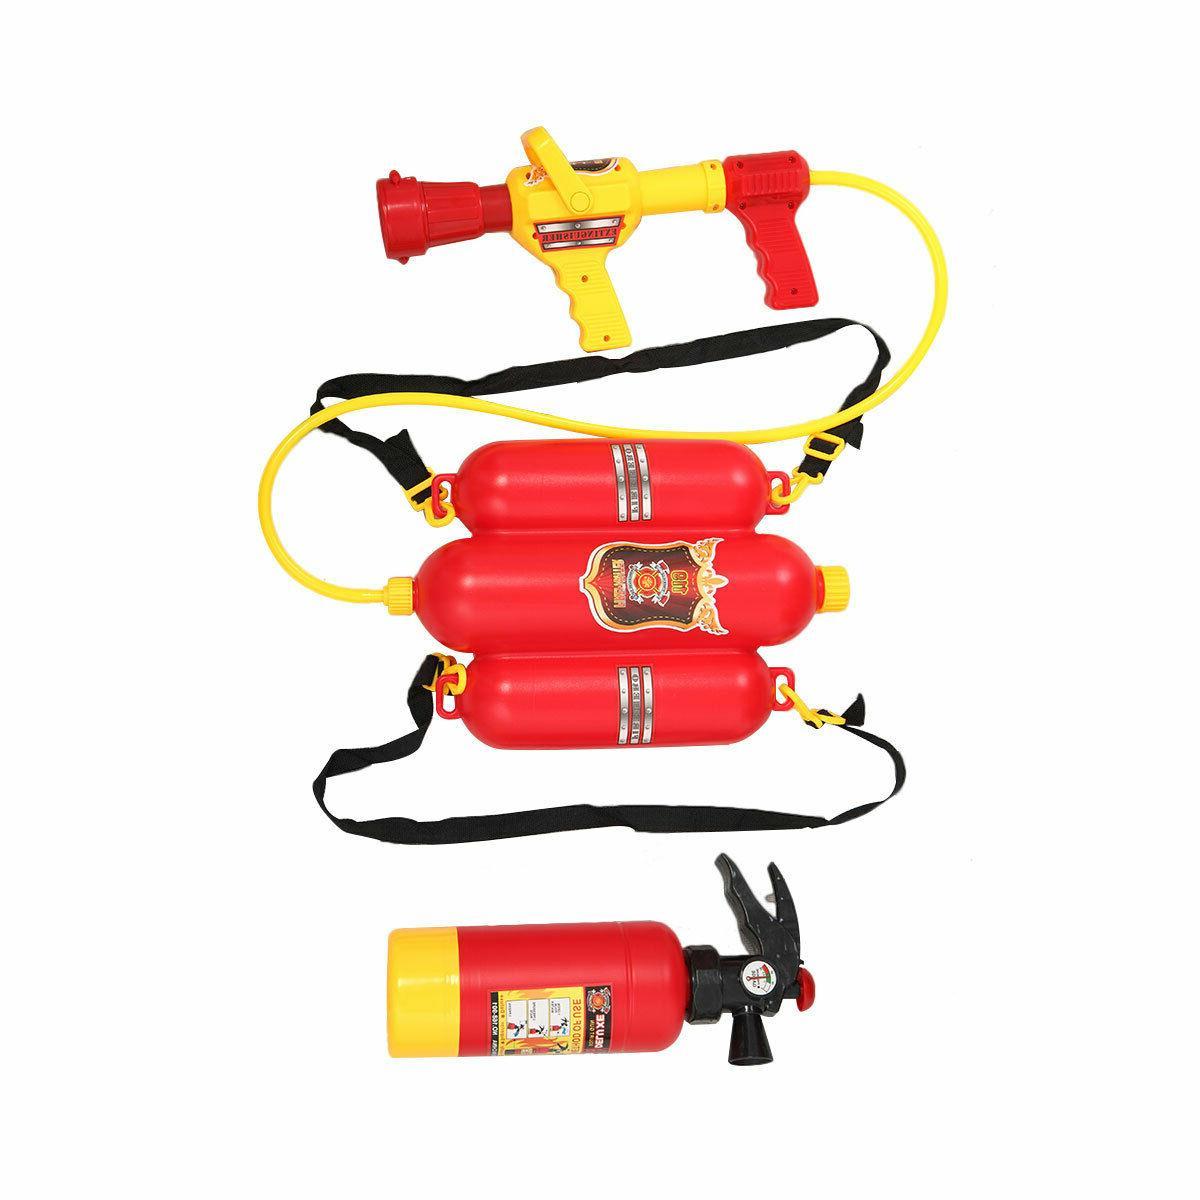 Red Fire Child w/ Remote Control